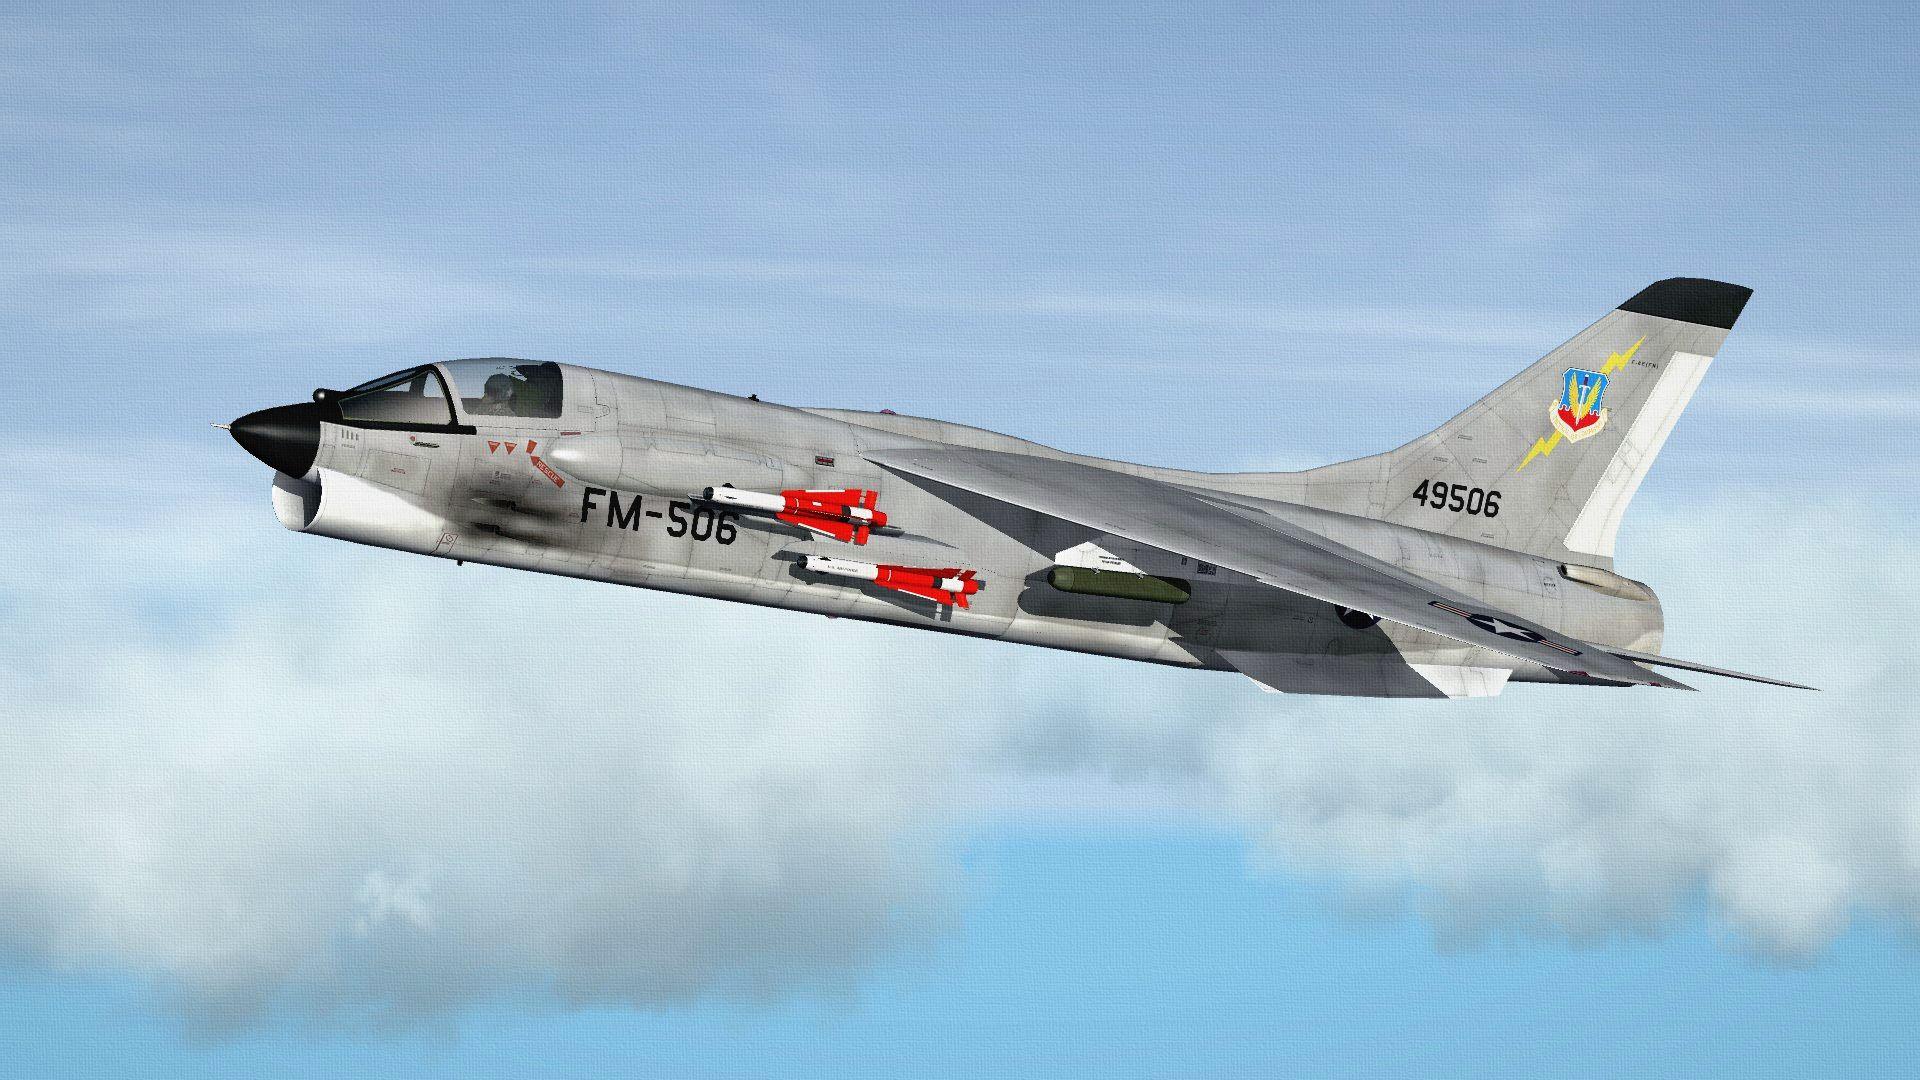 USAFF-8FCRUSADER02_zps0fd3c417.jpg